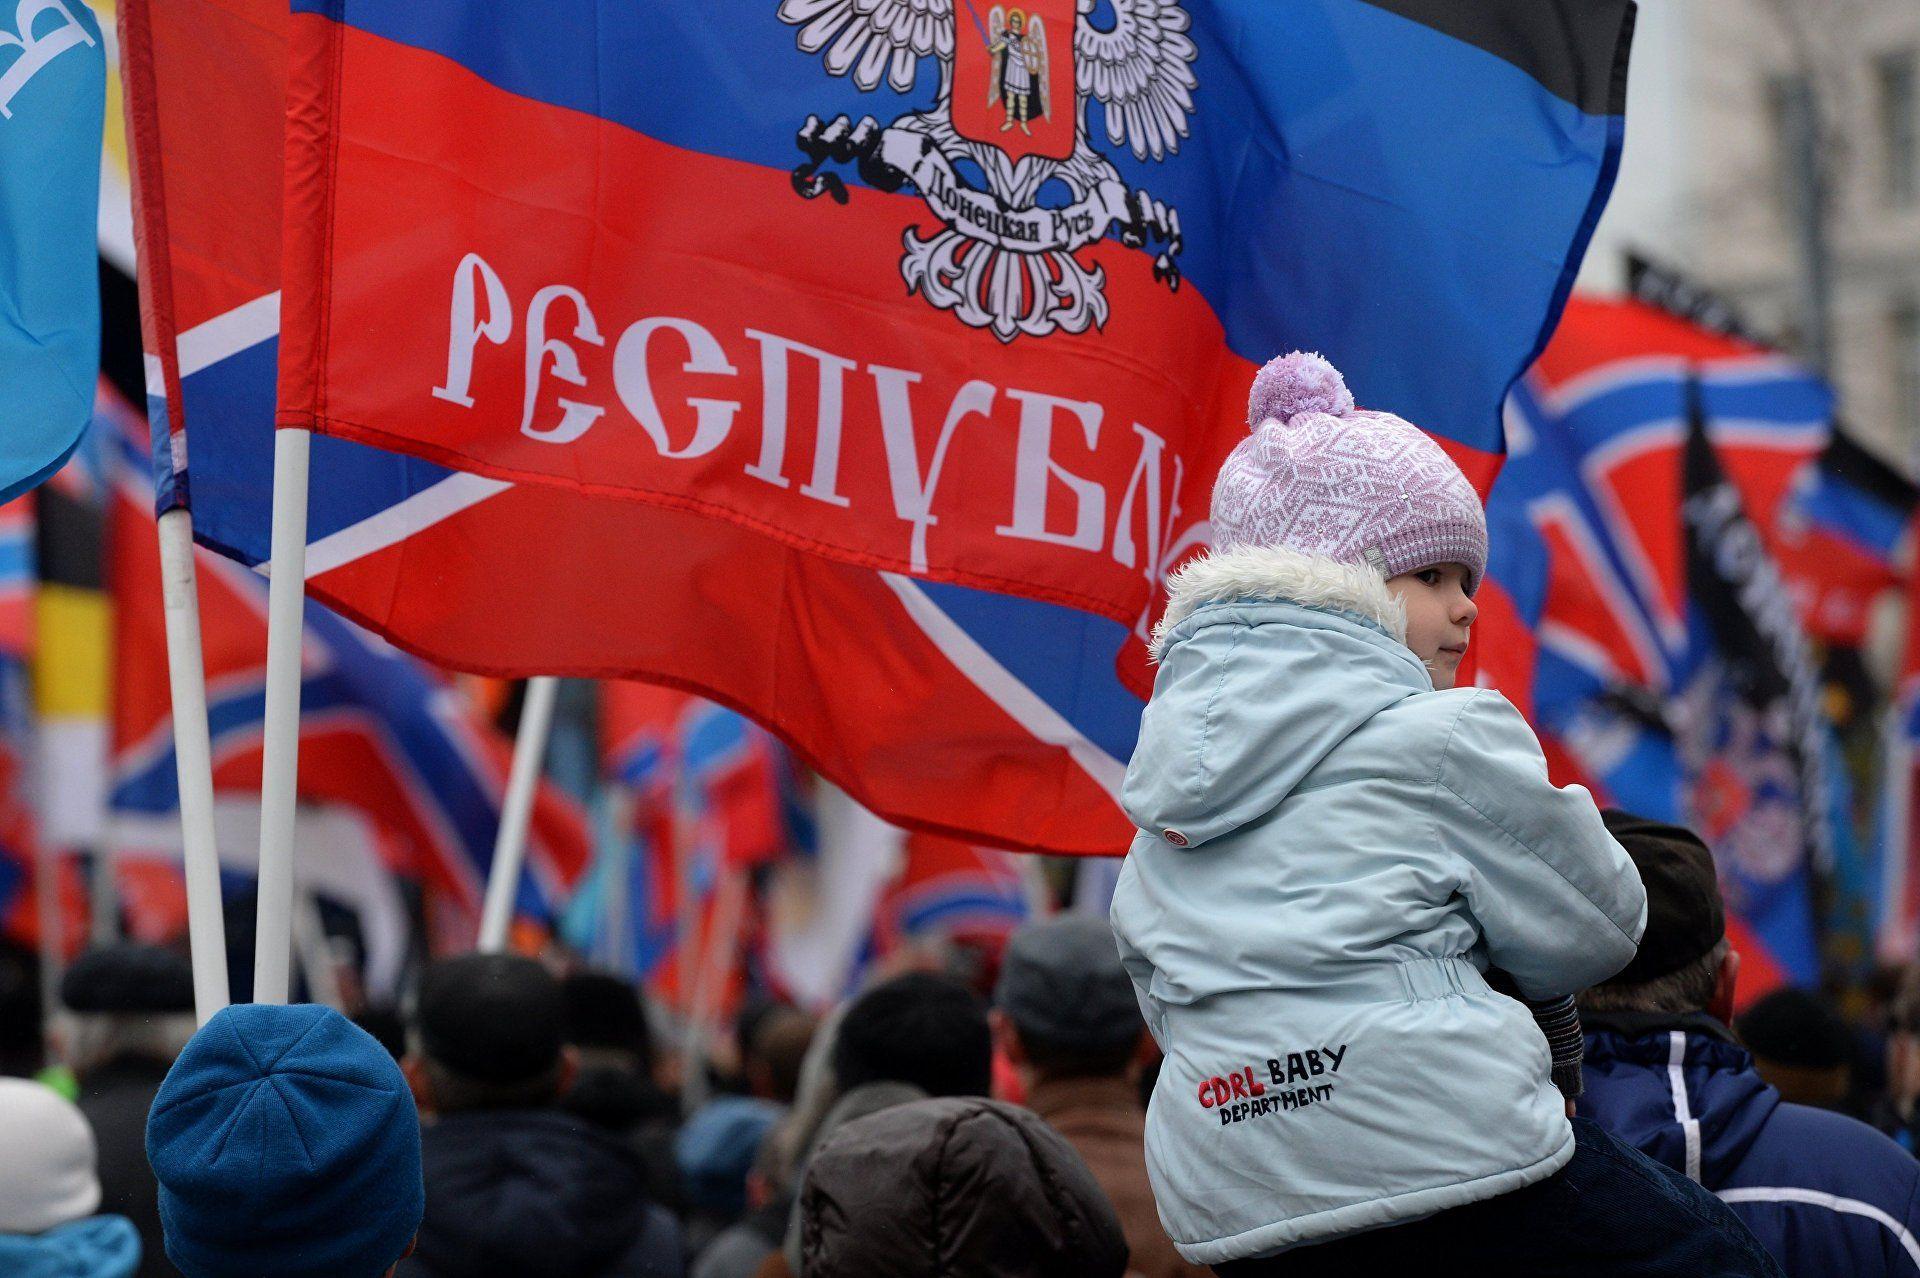 В Донецке ходят слухи, что война скоро закончится, сообщил местный житель - Донецк новости